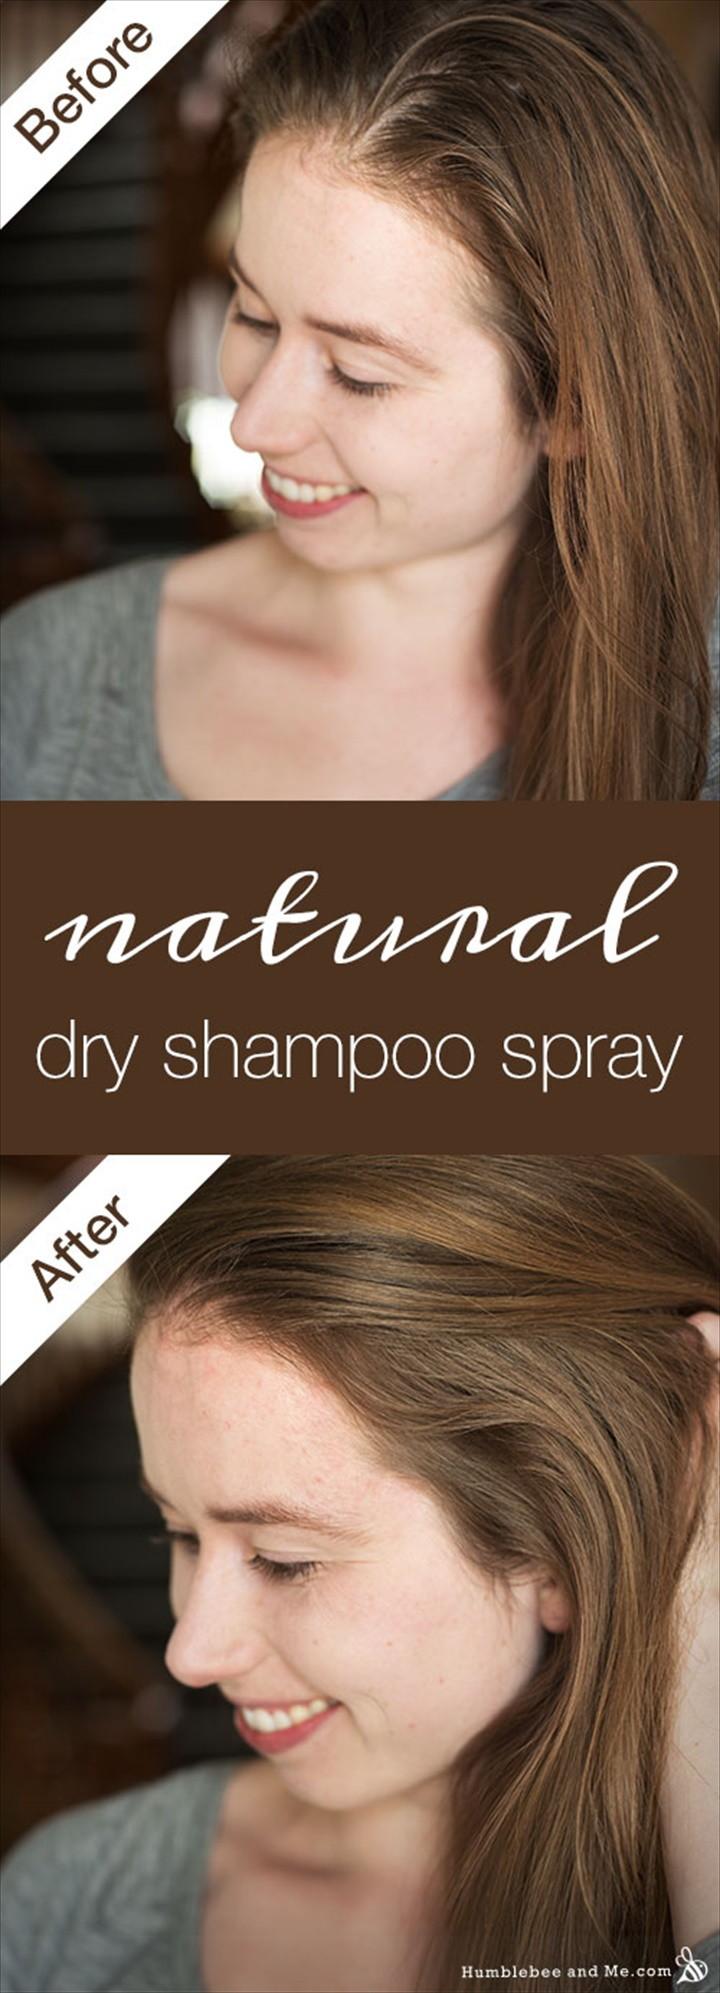 Natural Dry Shampoo Spray